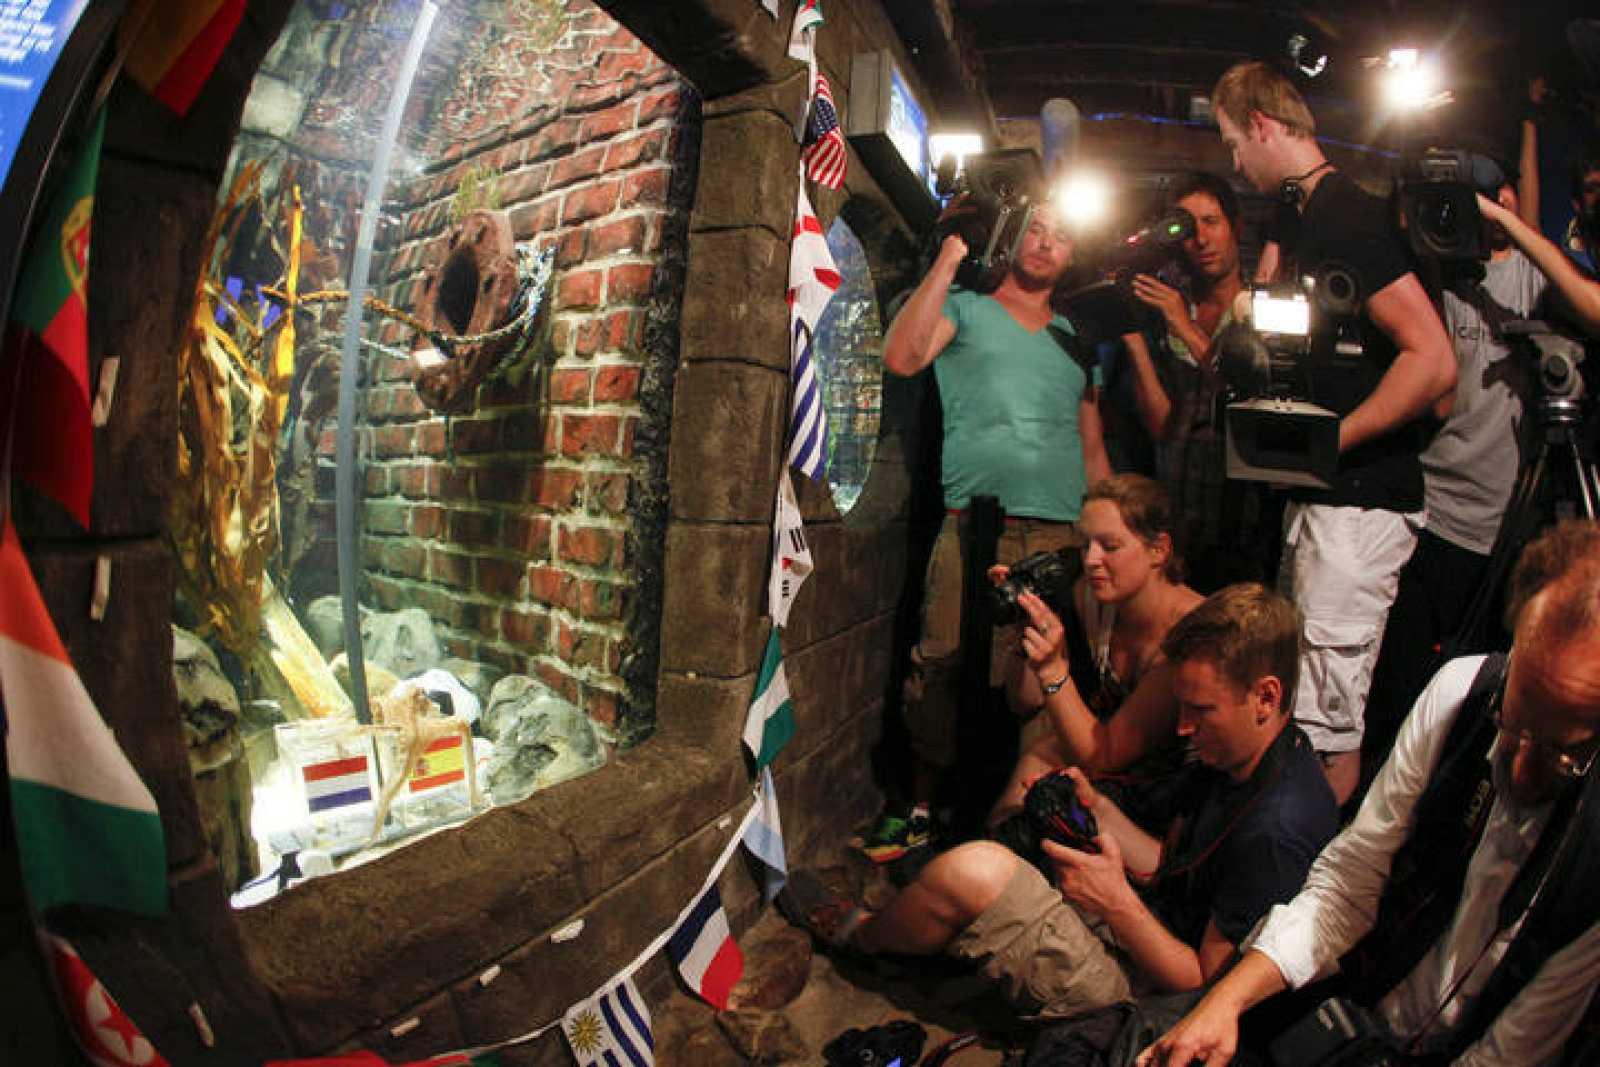 Los medios de comunicación, agolpados junto a la ventana del acuario del pulpo Paul.